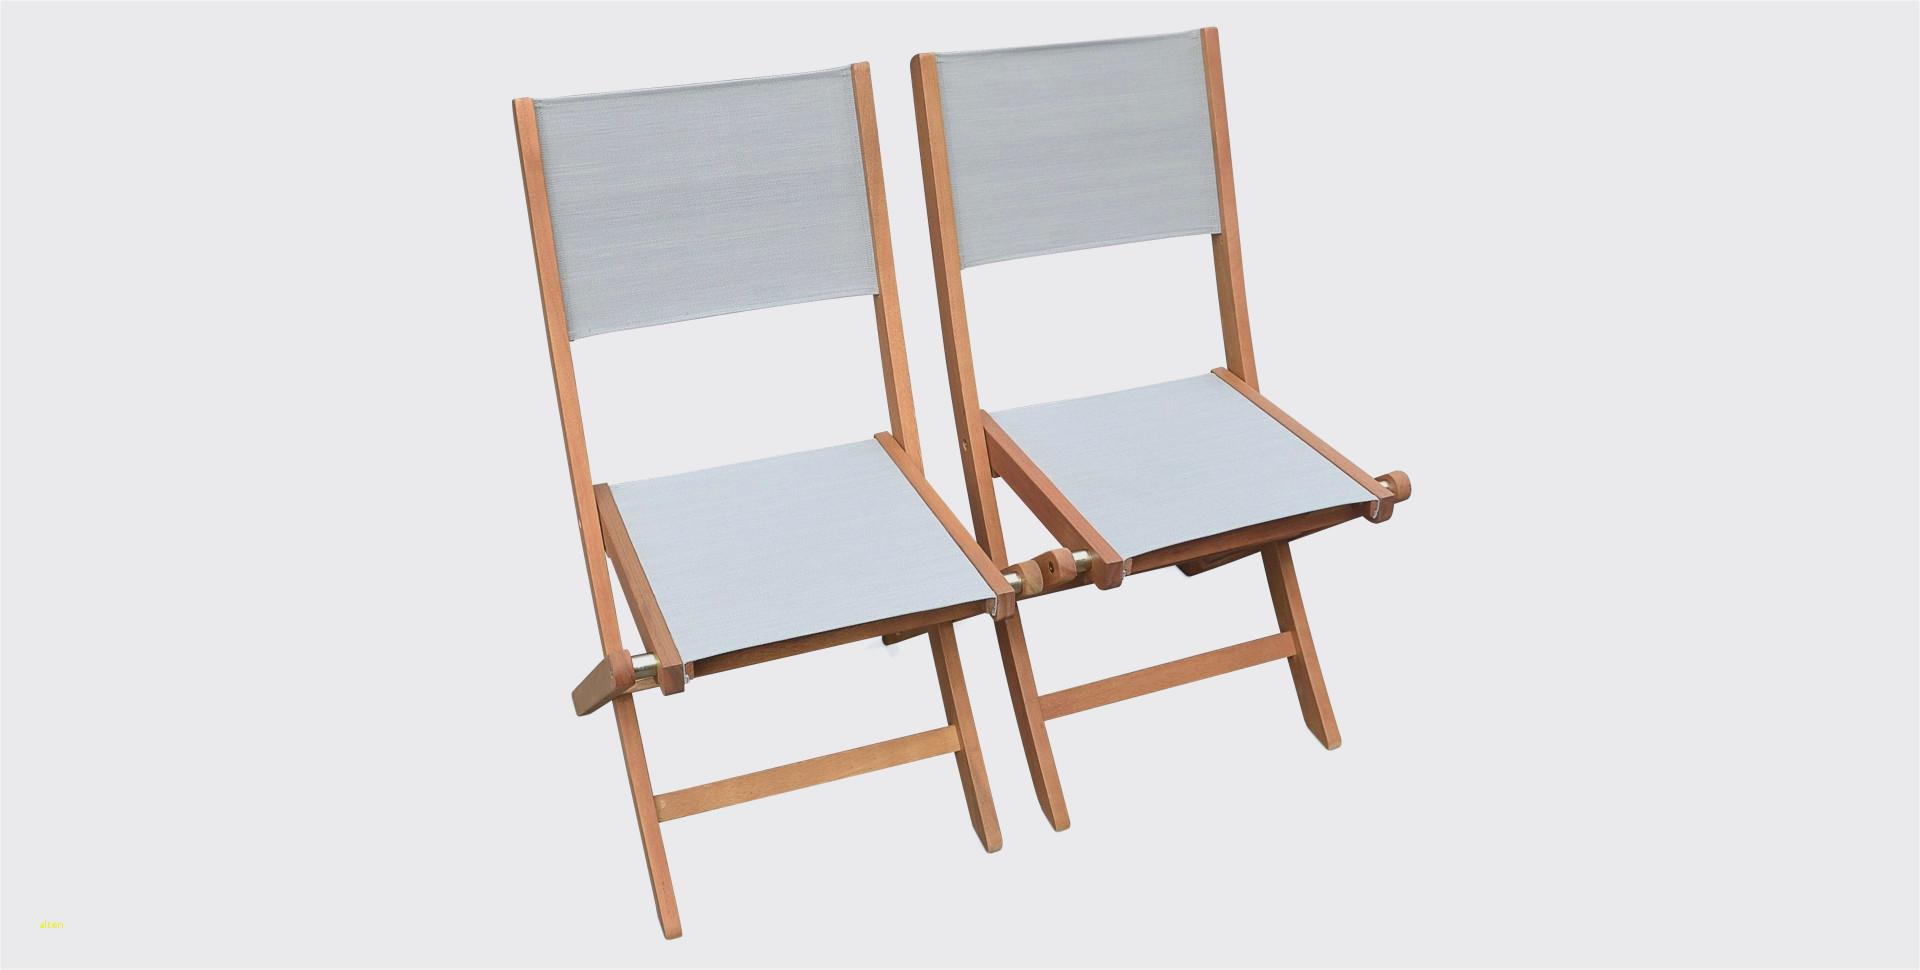 Table Pliante Carrefour Beau Image Chaise Pliante Carrefour élégant Table Et Chaise Pliante Chaise